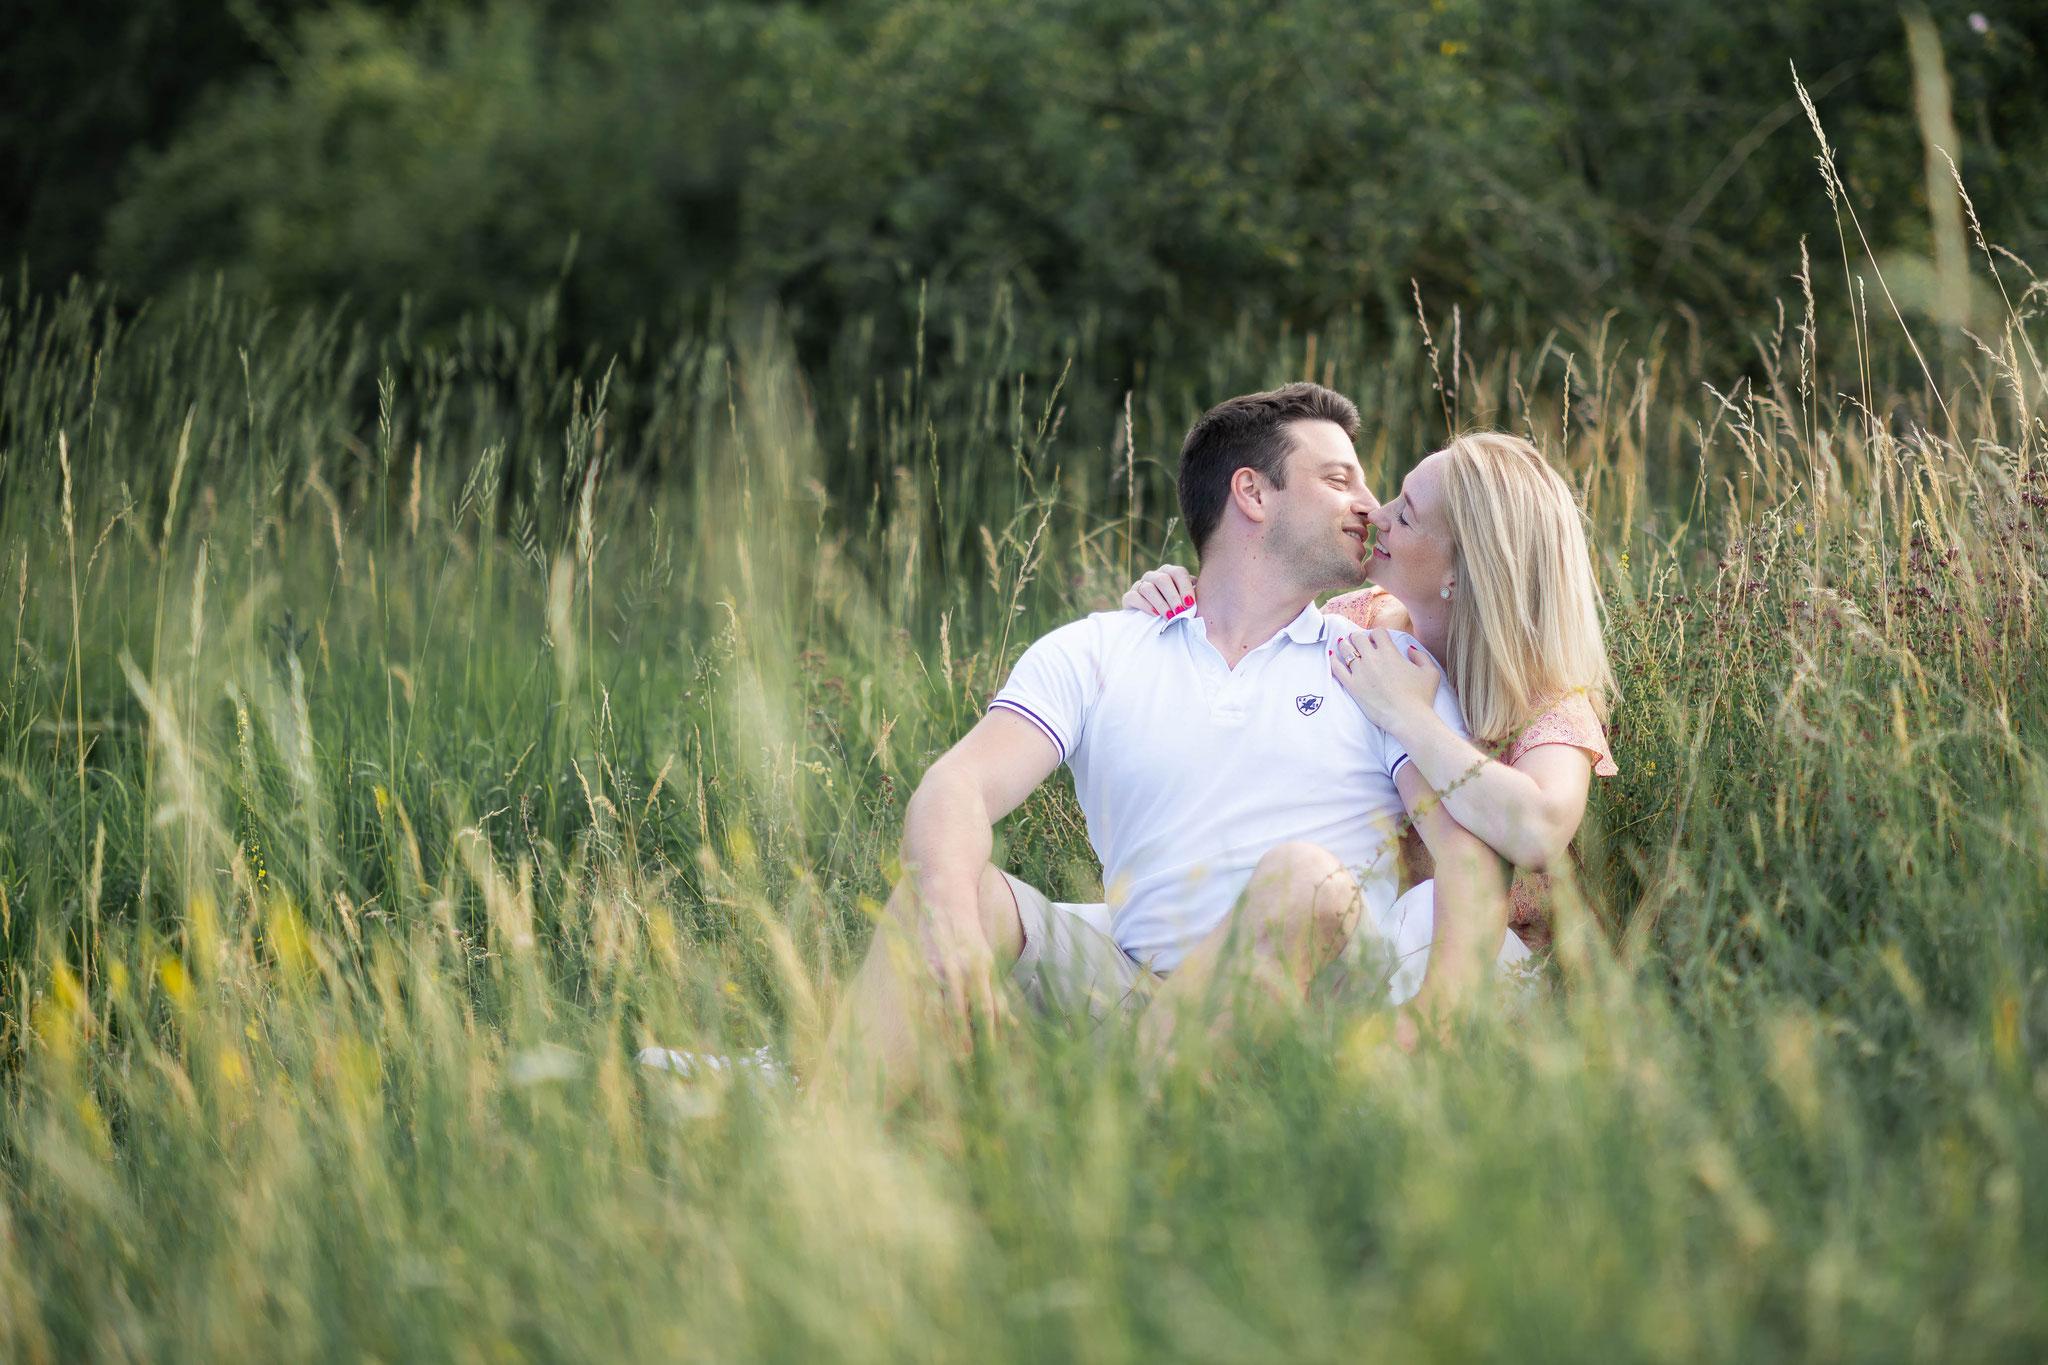 Fotograf für Engagement Shooting vor der Hochzeit